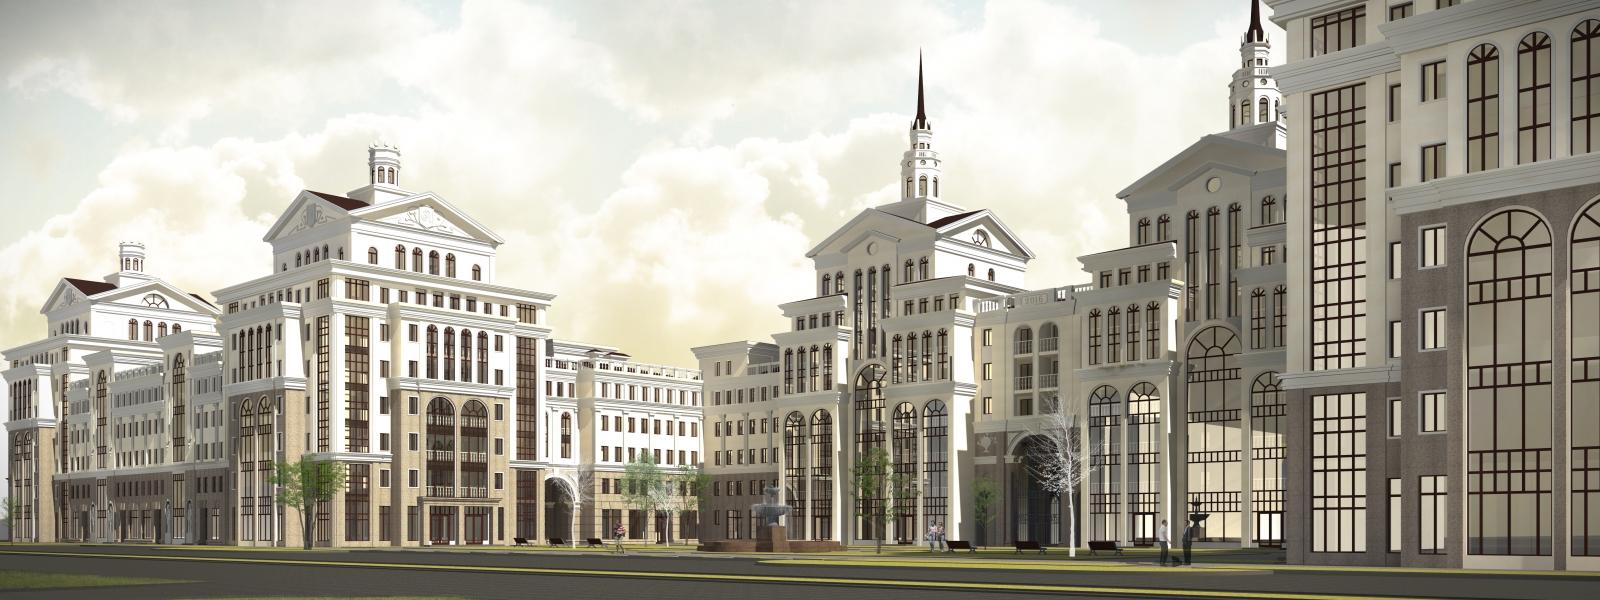 work-Проект многофункционального жилого комплекса по ул. Ангарской в Дзержинском районе Волгограда